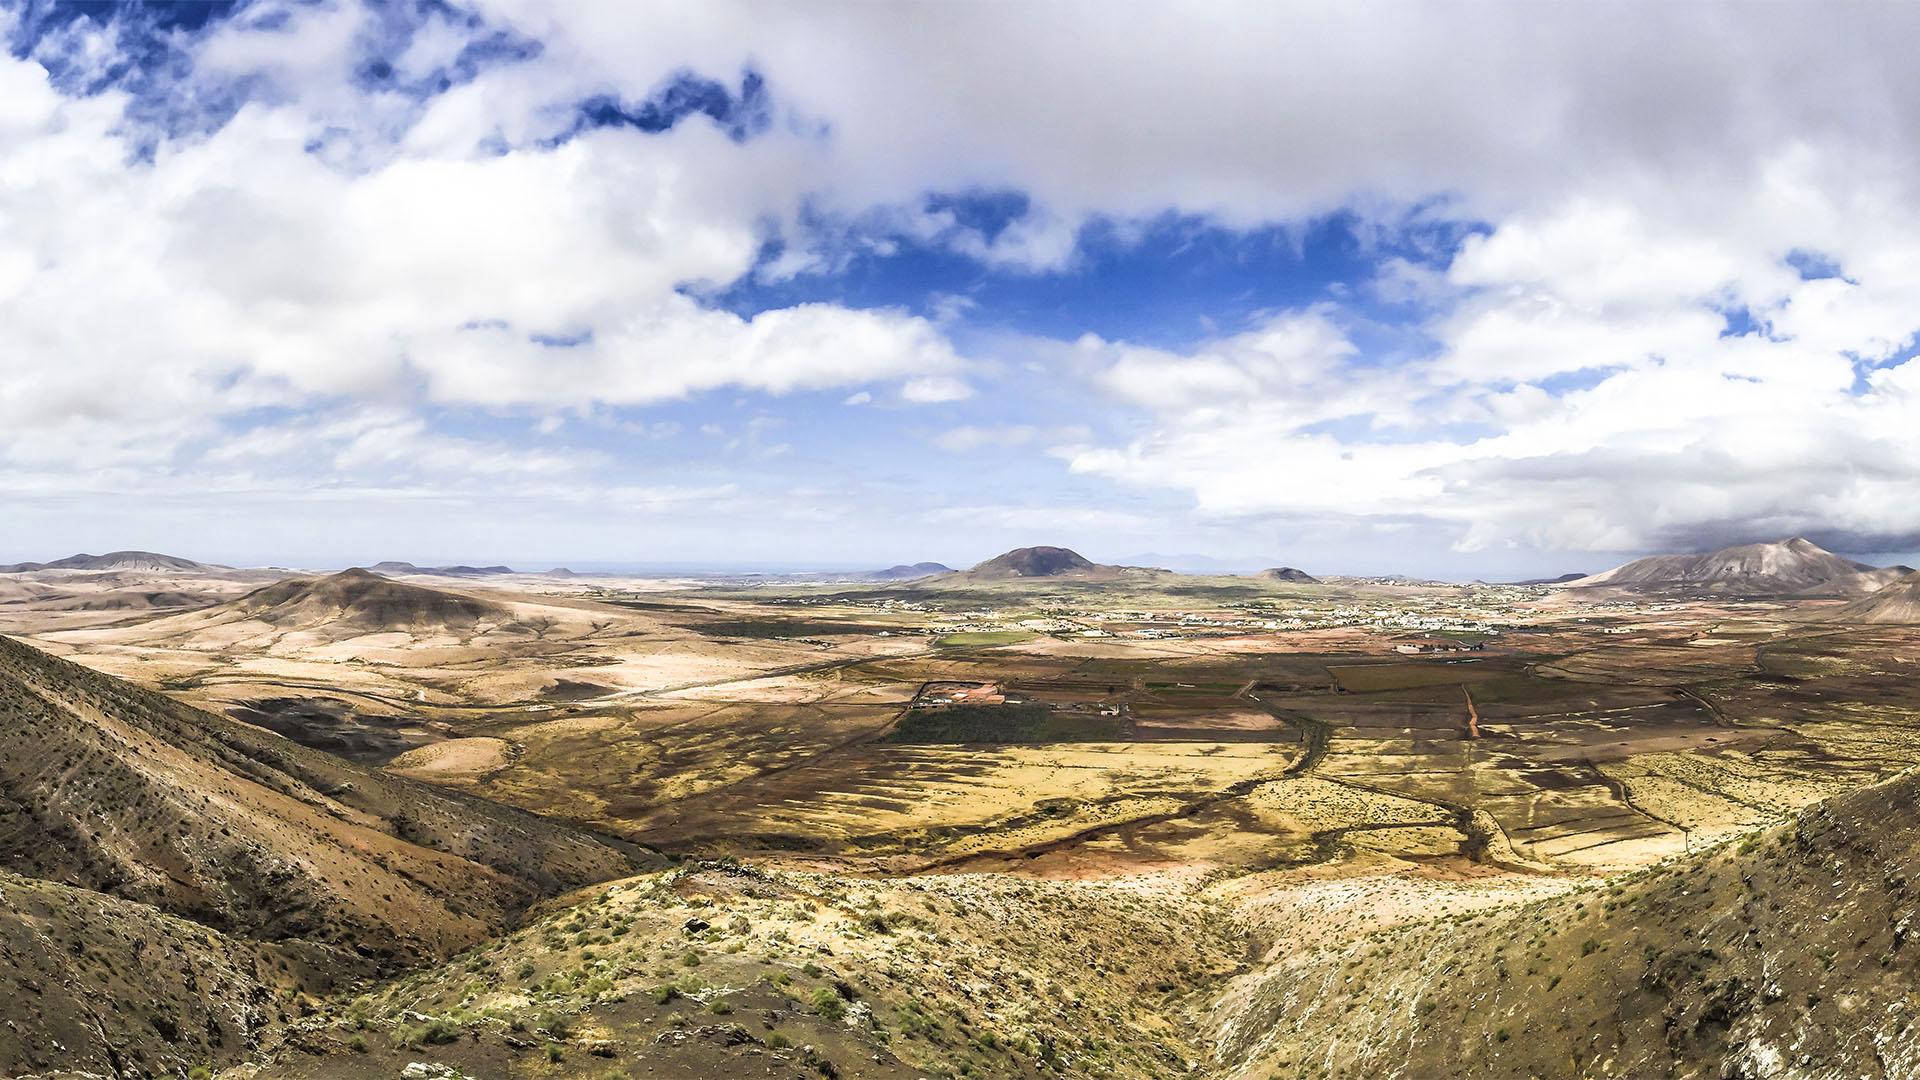 Fuente de Tababaire Morro Tababaire Vallebron Fuerteventura.